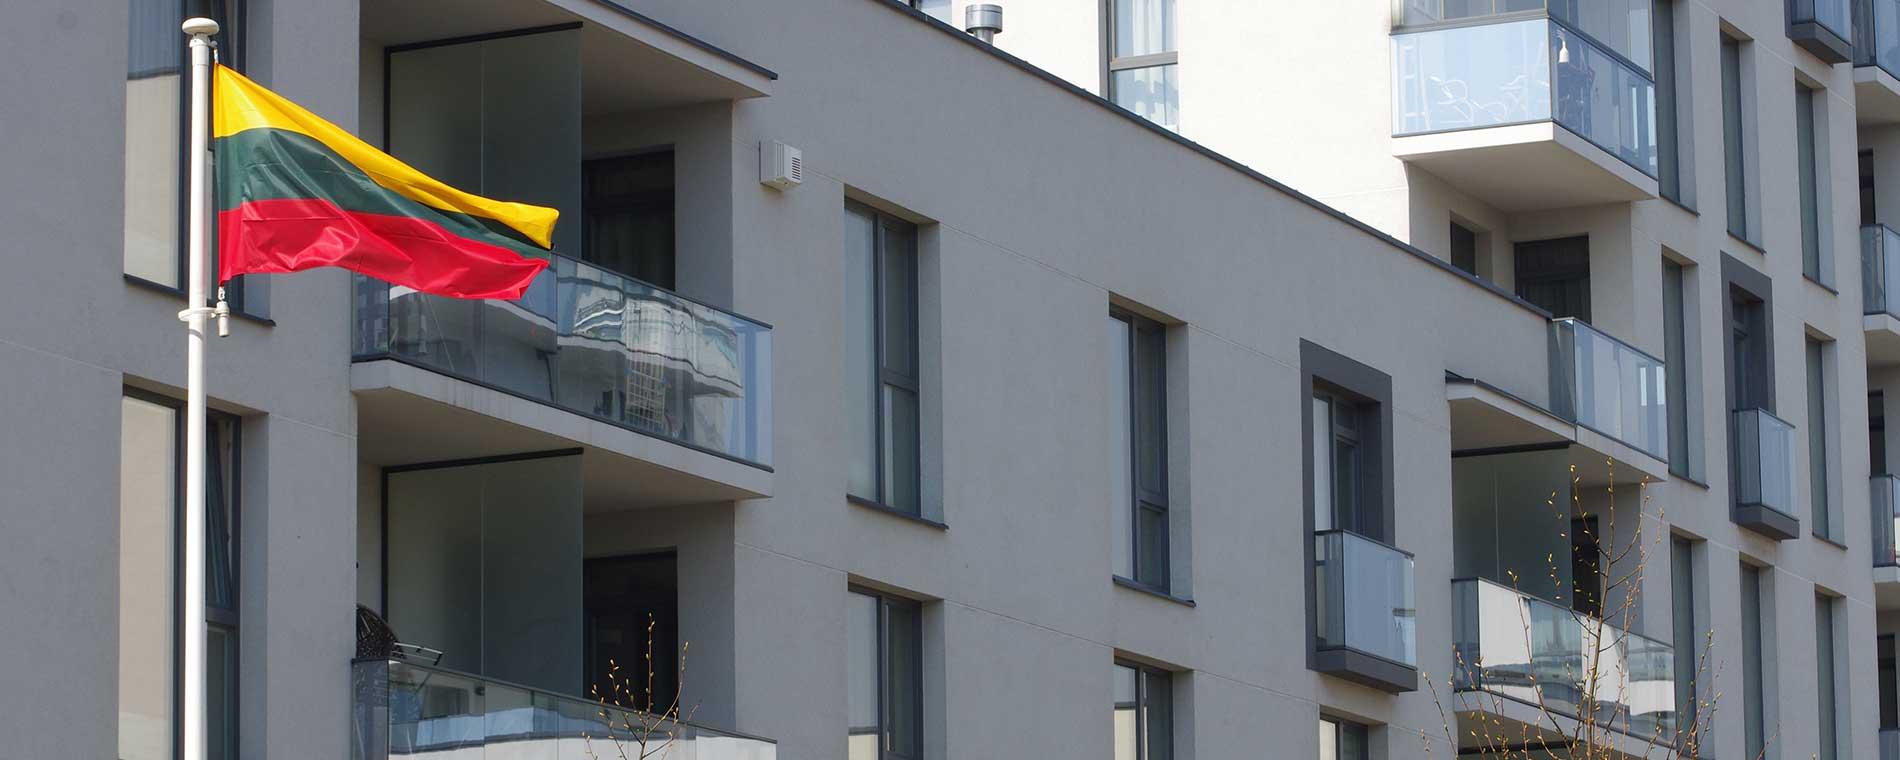 Namų ūkio pastatų administravimas ir priežiūra | Orenus UAB